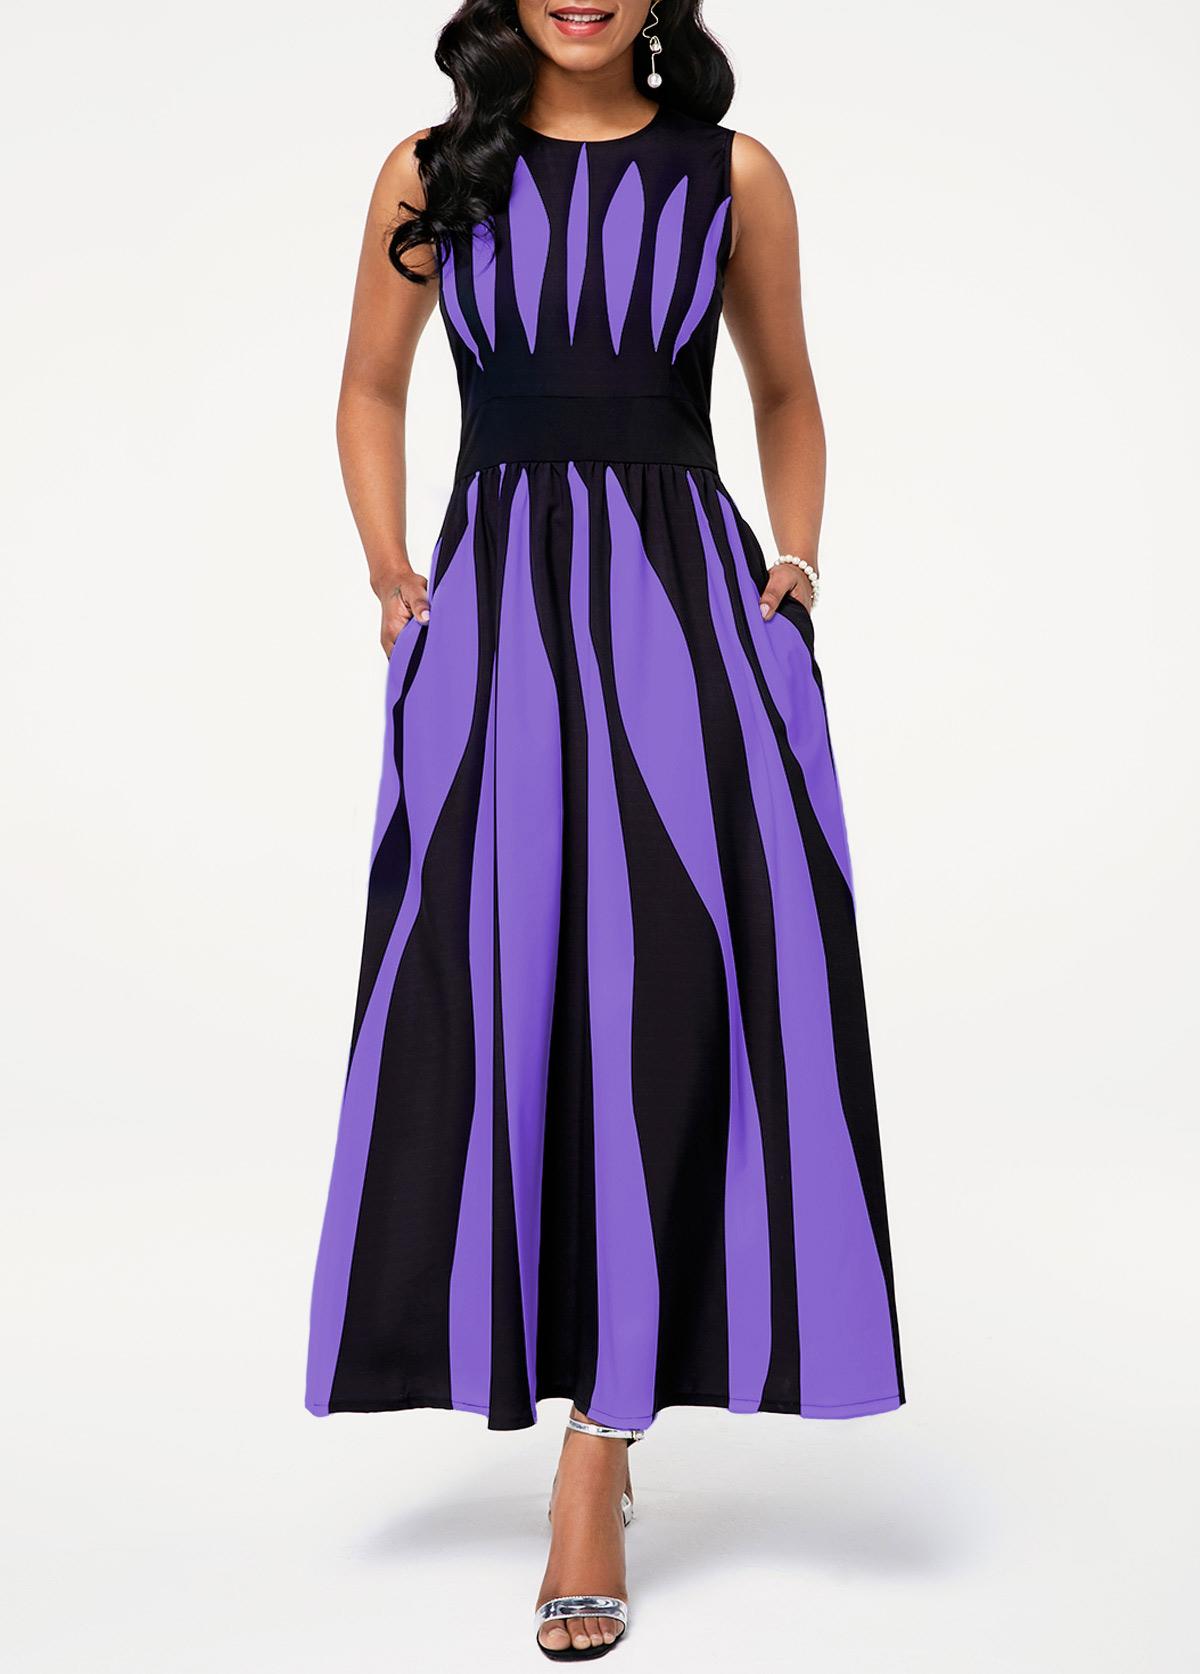 High Waist Round Neck Stripe Print Pocket Dress